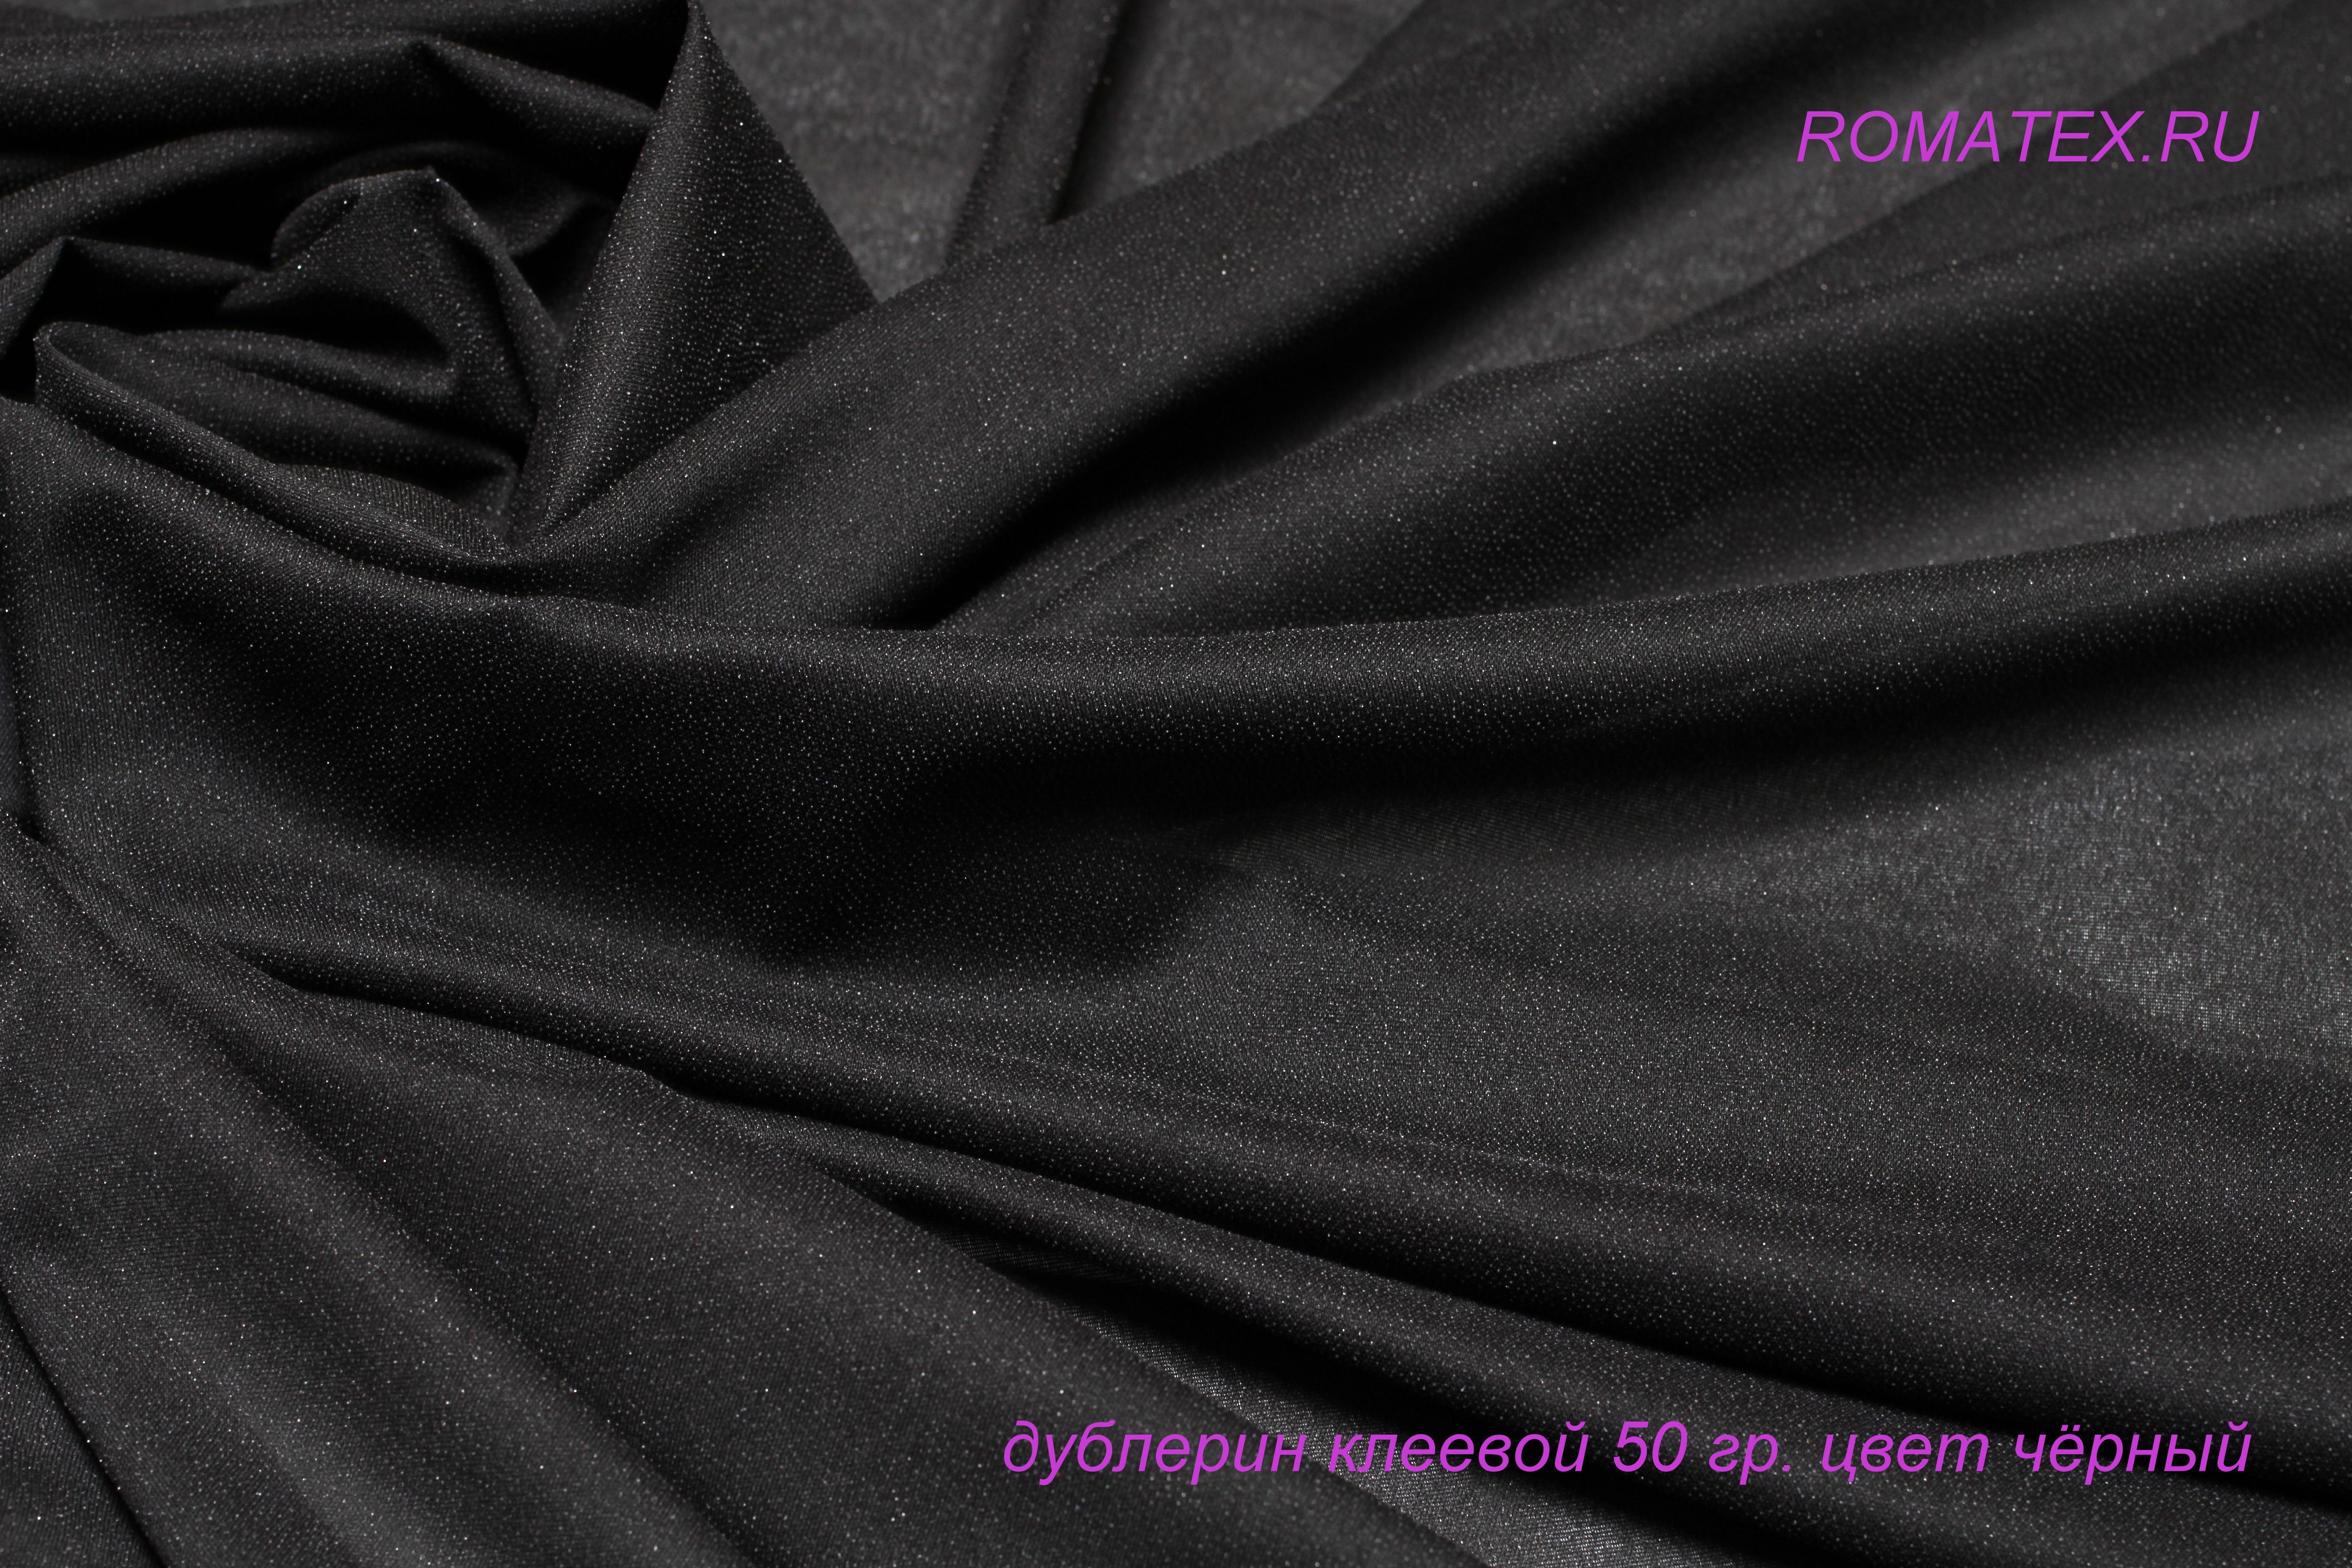 Дублерин клеевой плотность 50, цвет черный